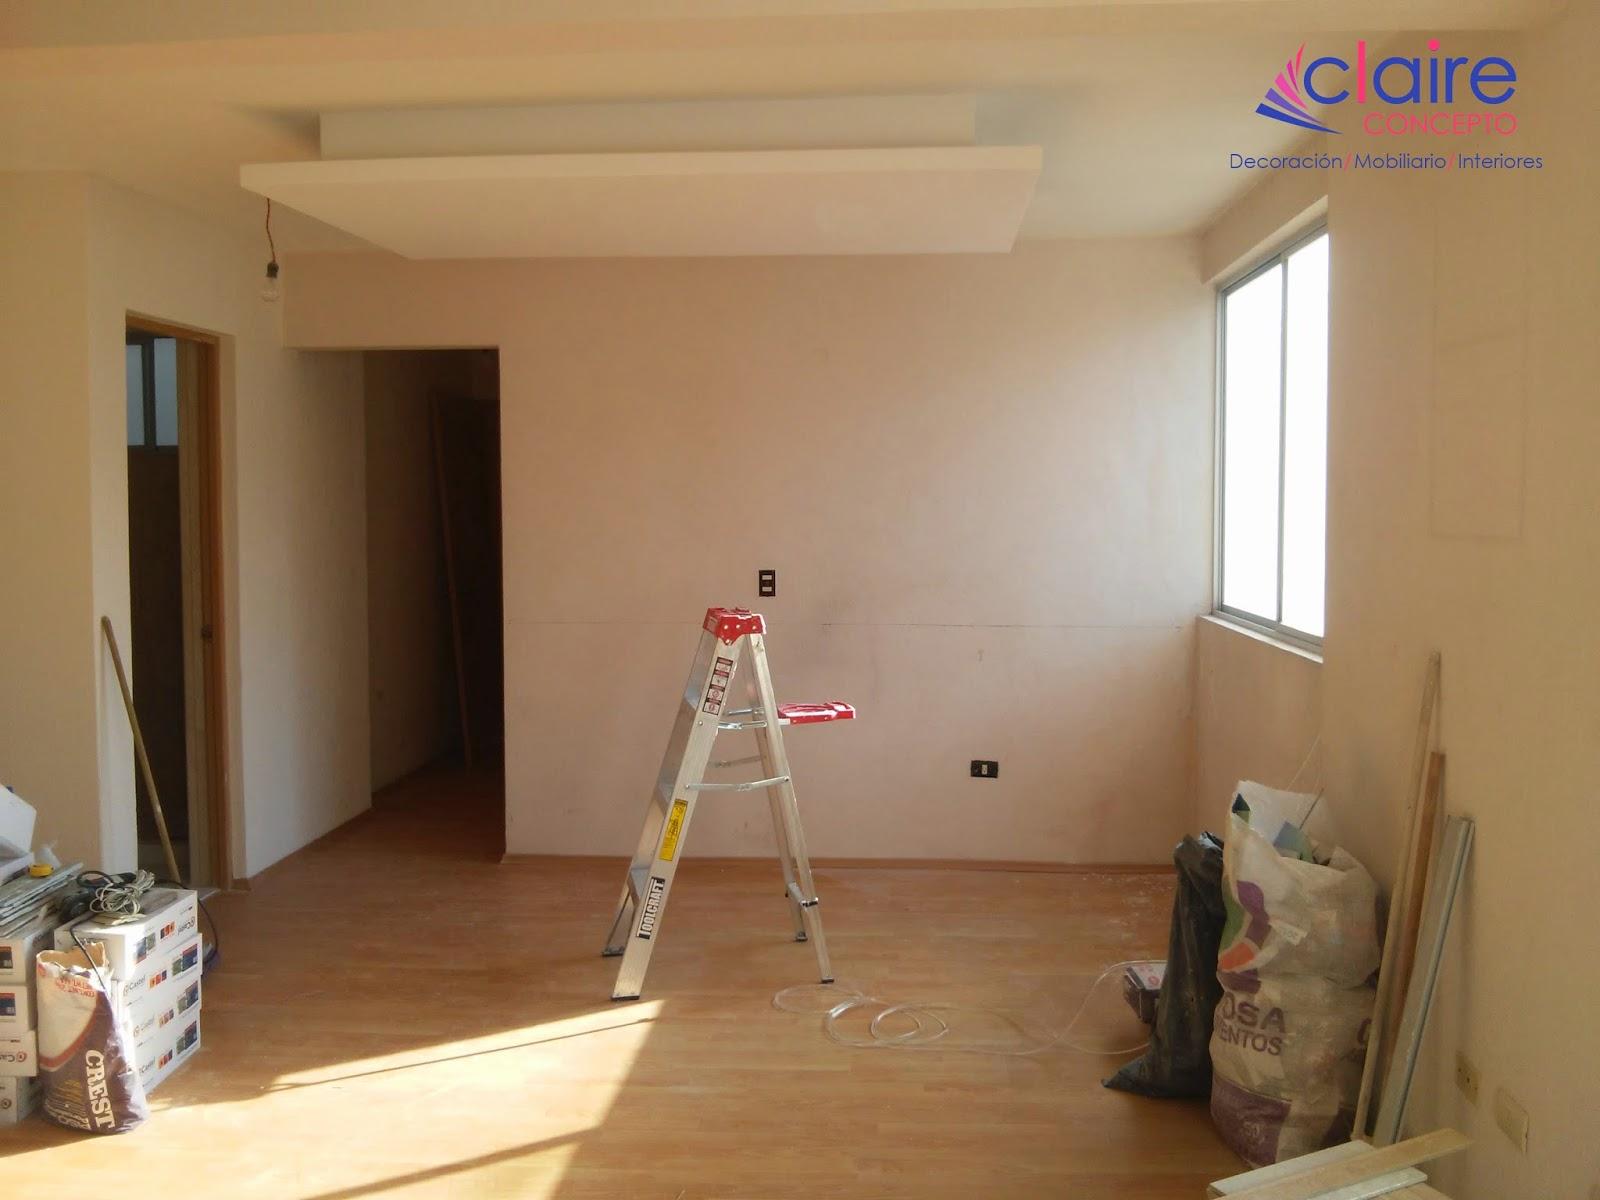 Interiores tablaroca for Plafones de pared rusticos